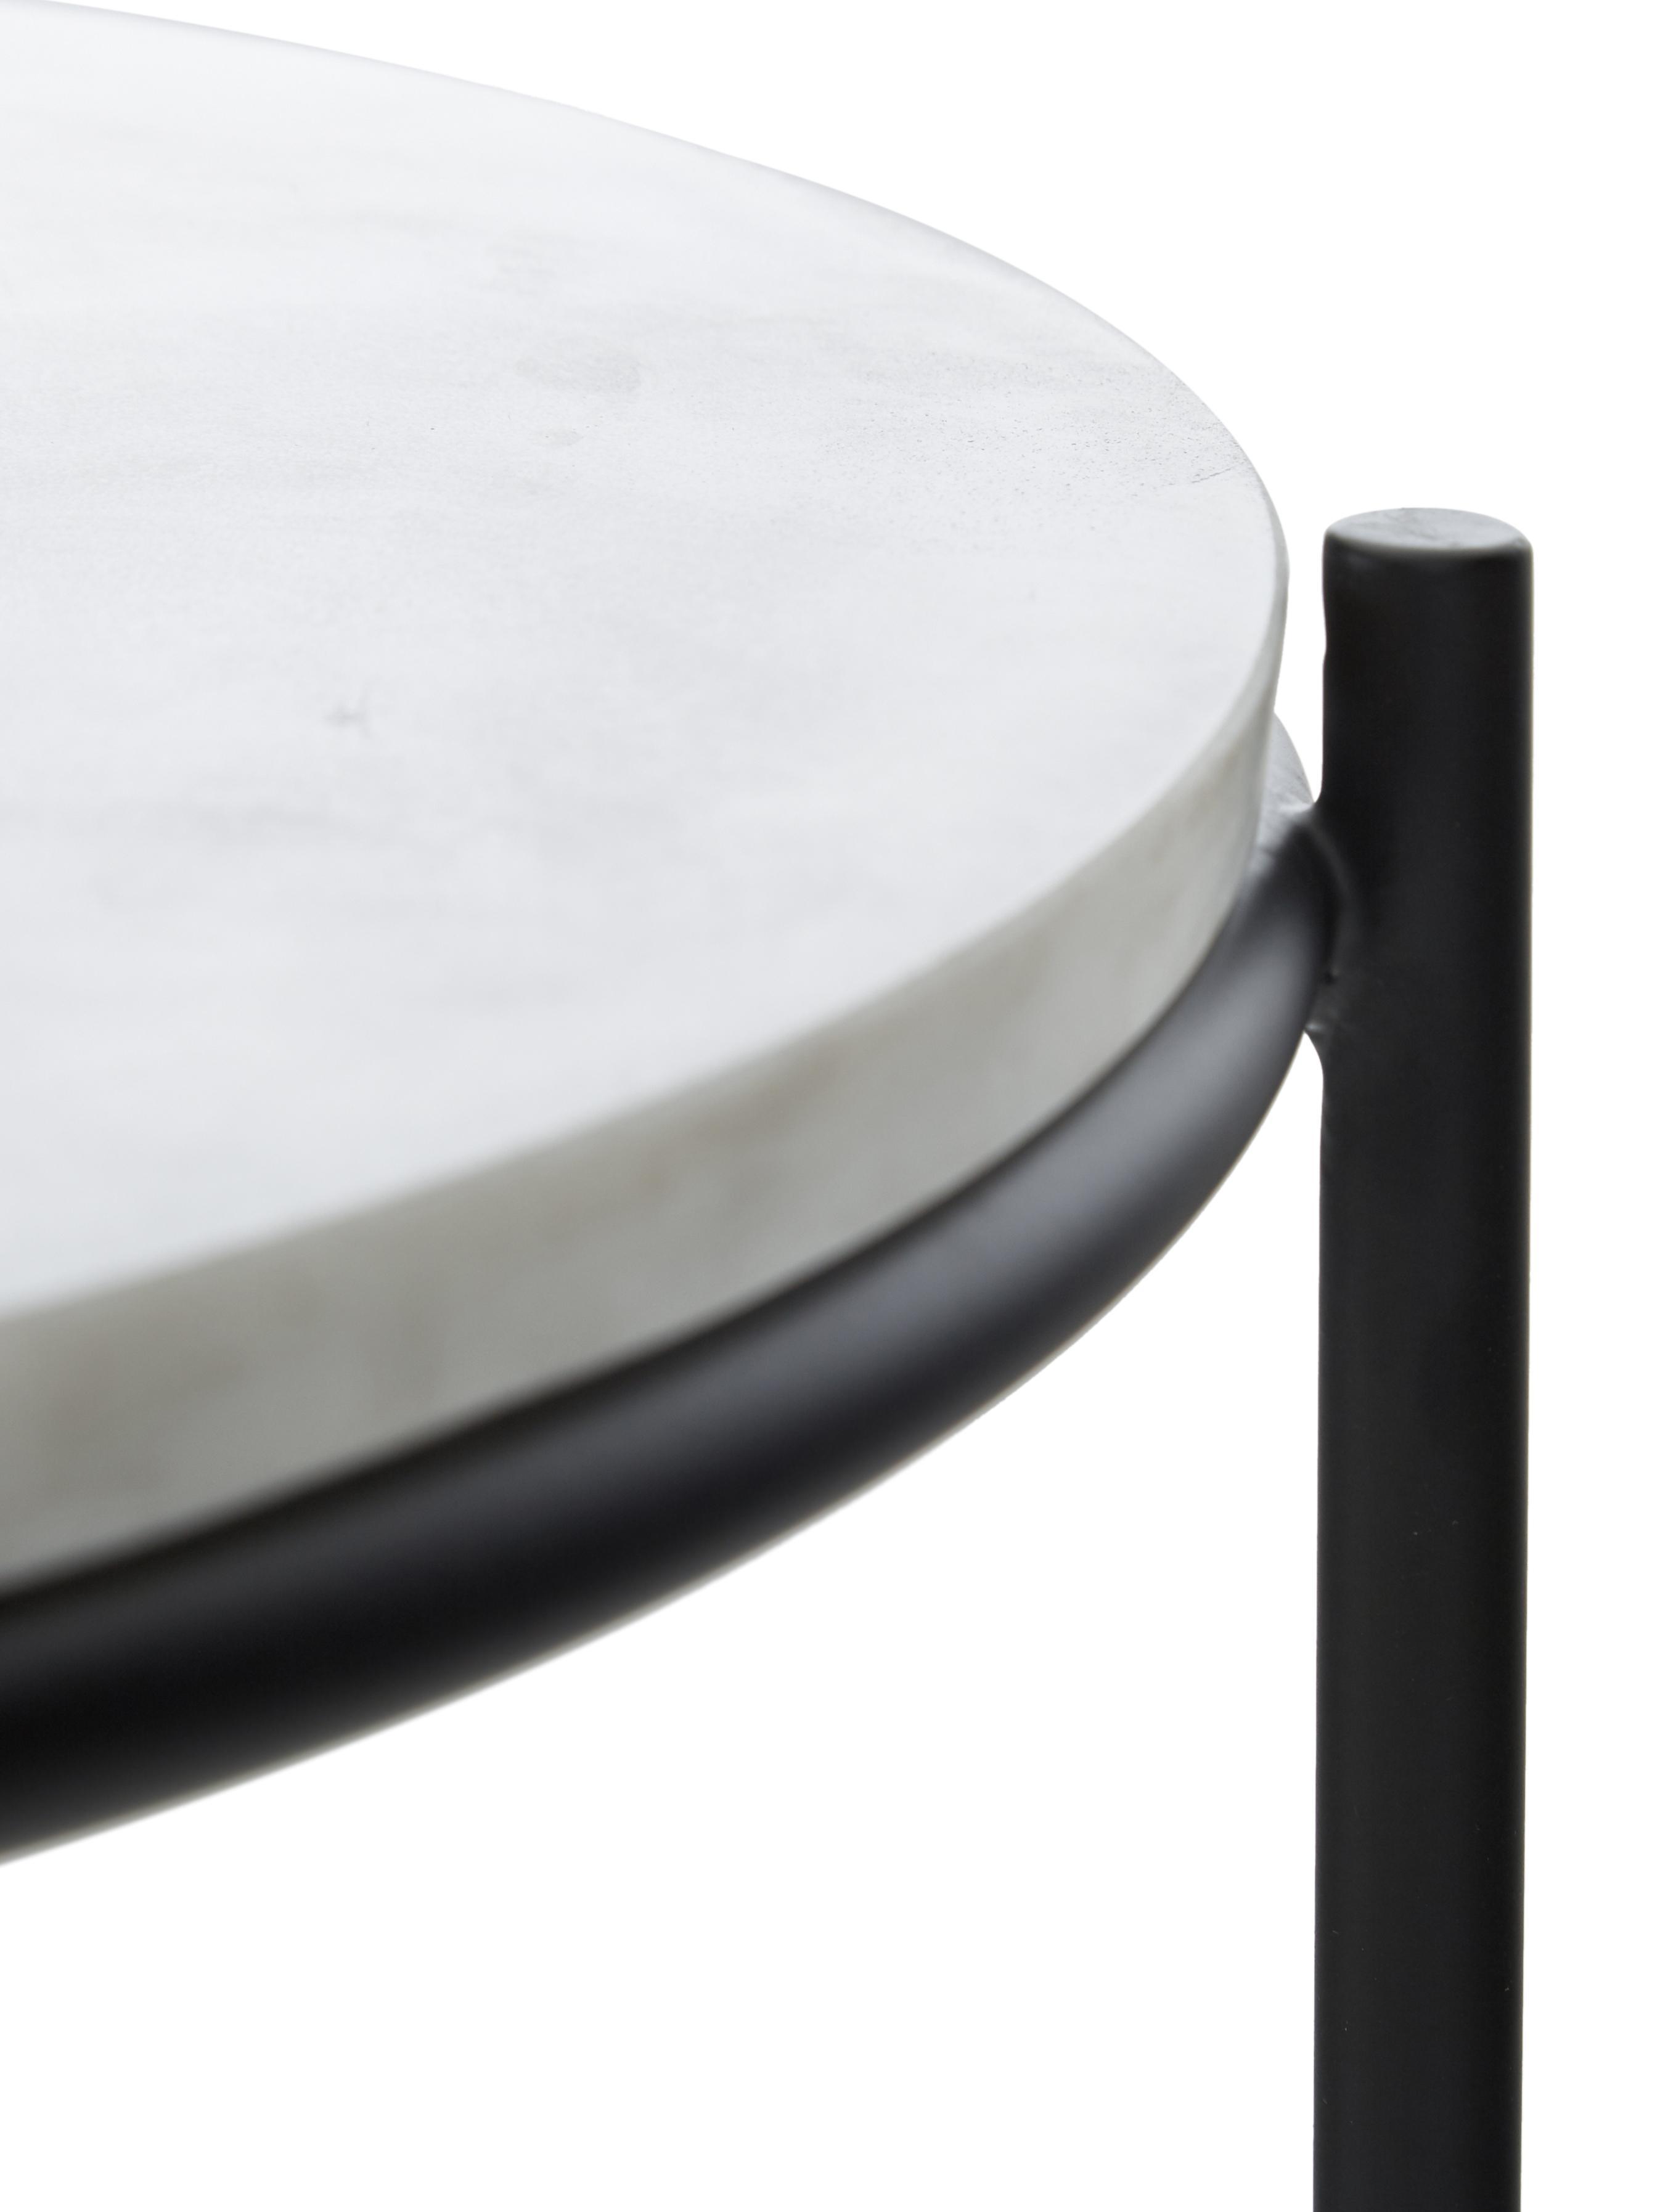 Marmor-Beistelltisch-Set Ella, Tischplatten: Weißer MarmorGestelle: Schwarz, matt, Sondergrößen